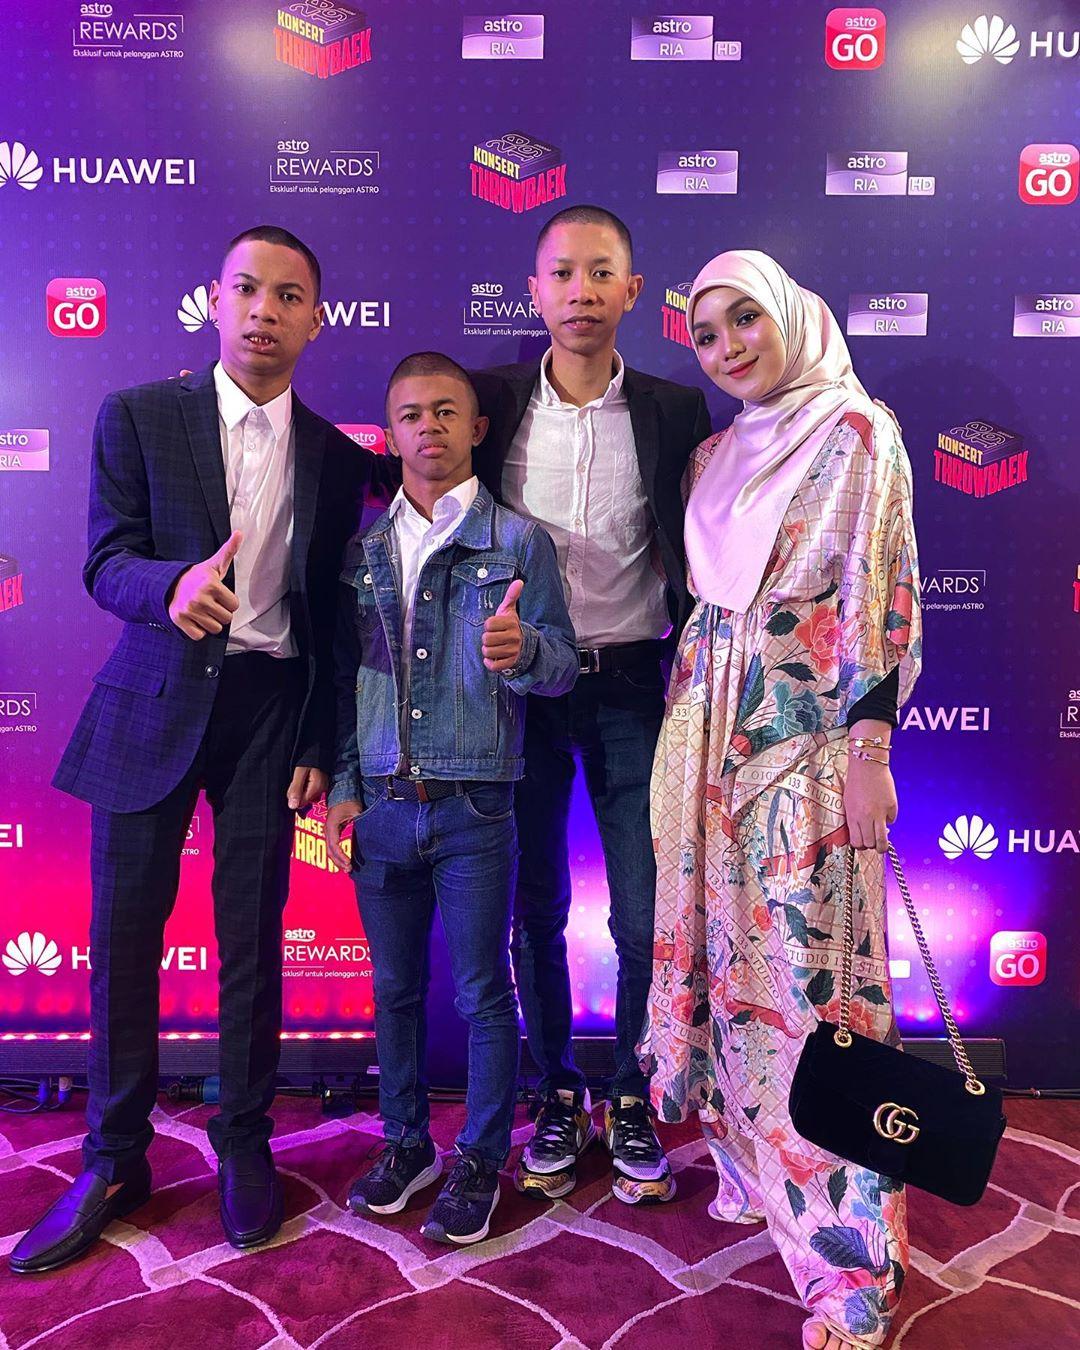 Riuh Habis Pentas, Syahmi Sazli Raih Anugerah Di Konsert Throwbaek 2019 Astro